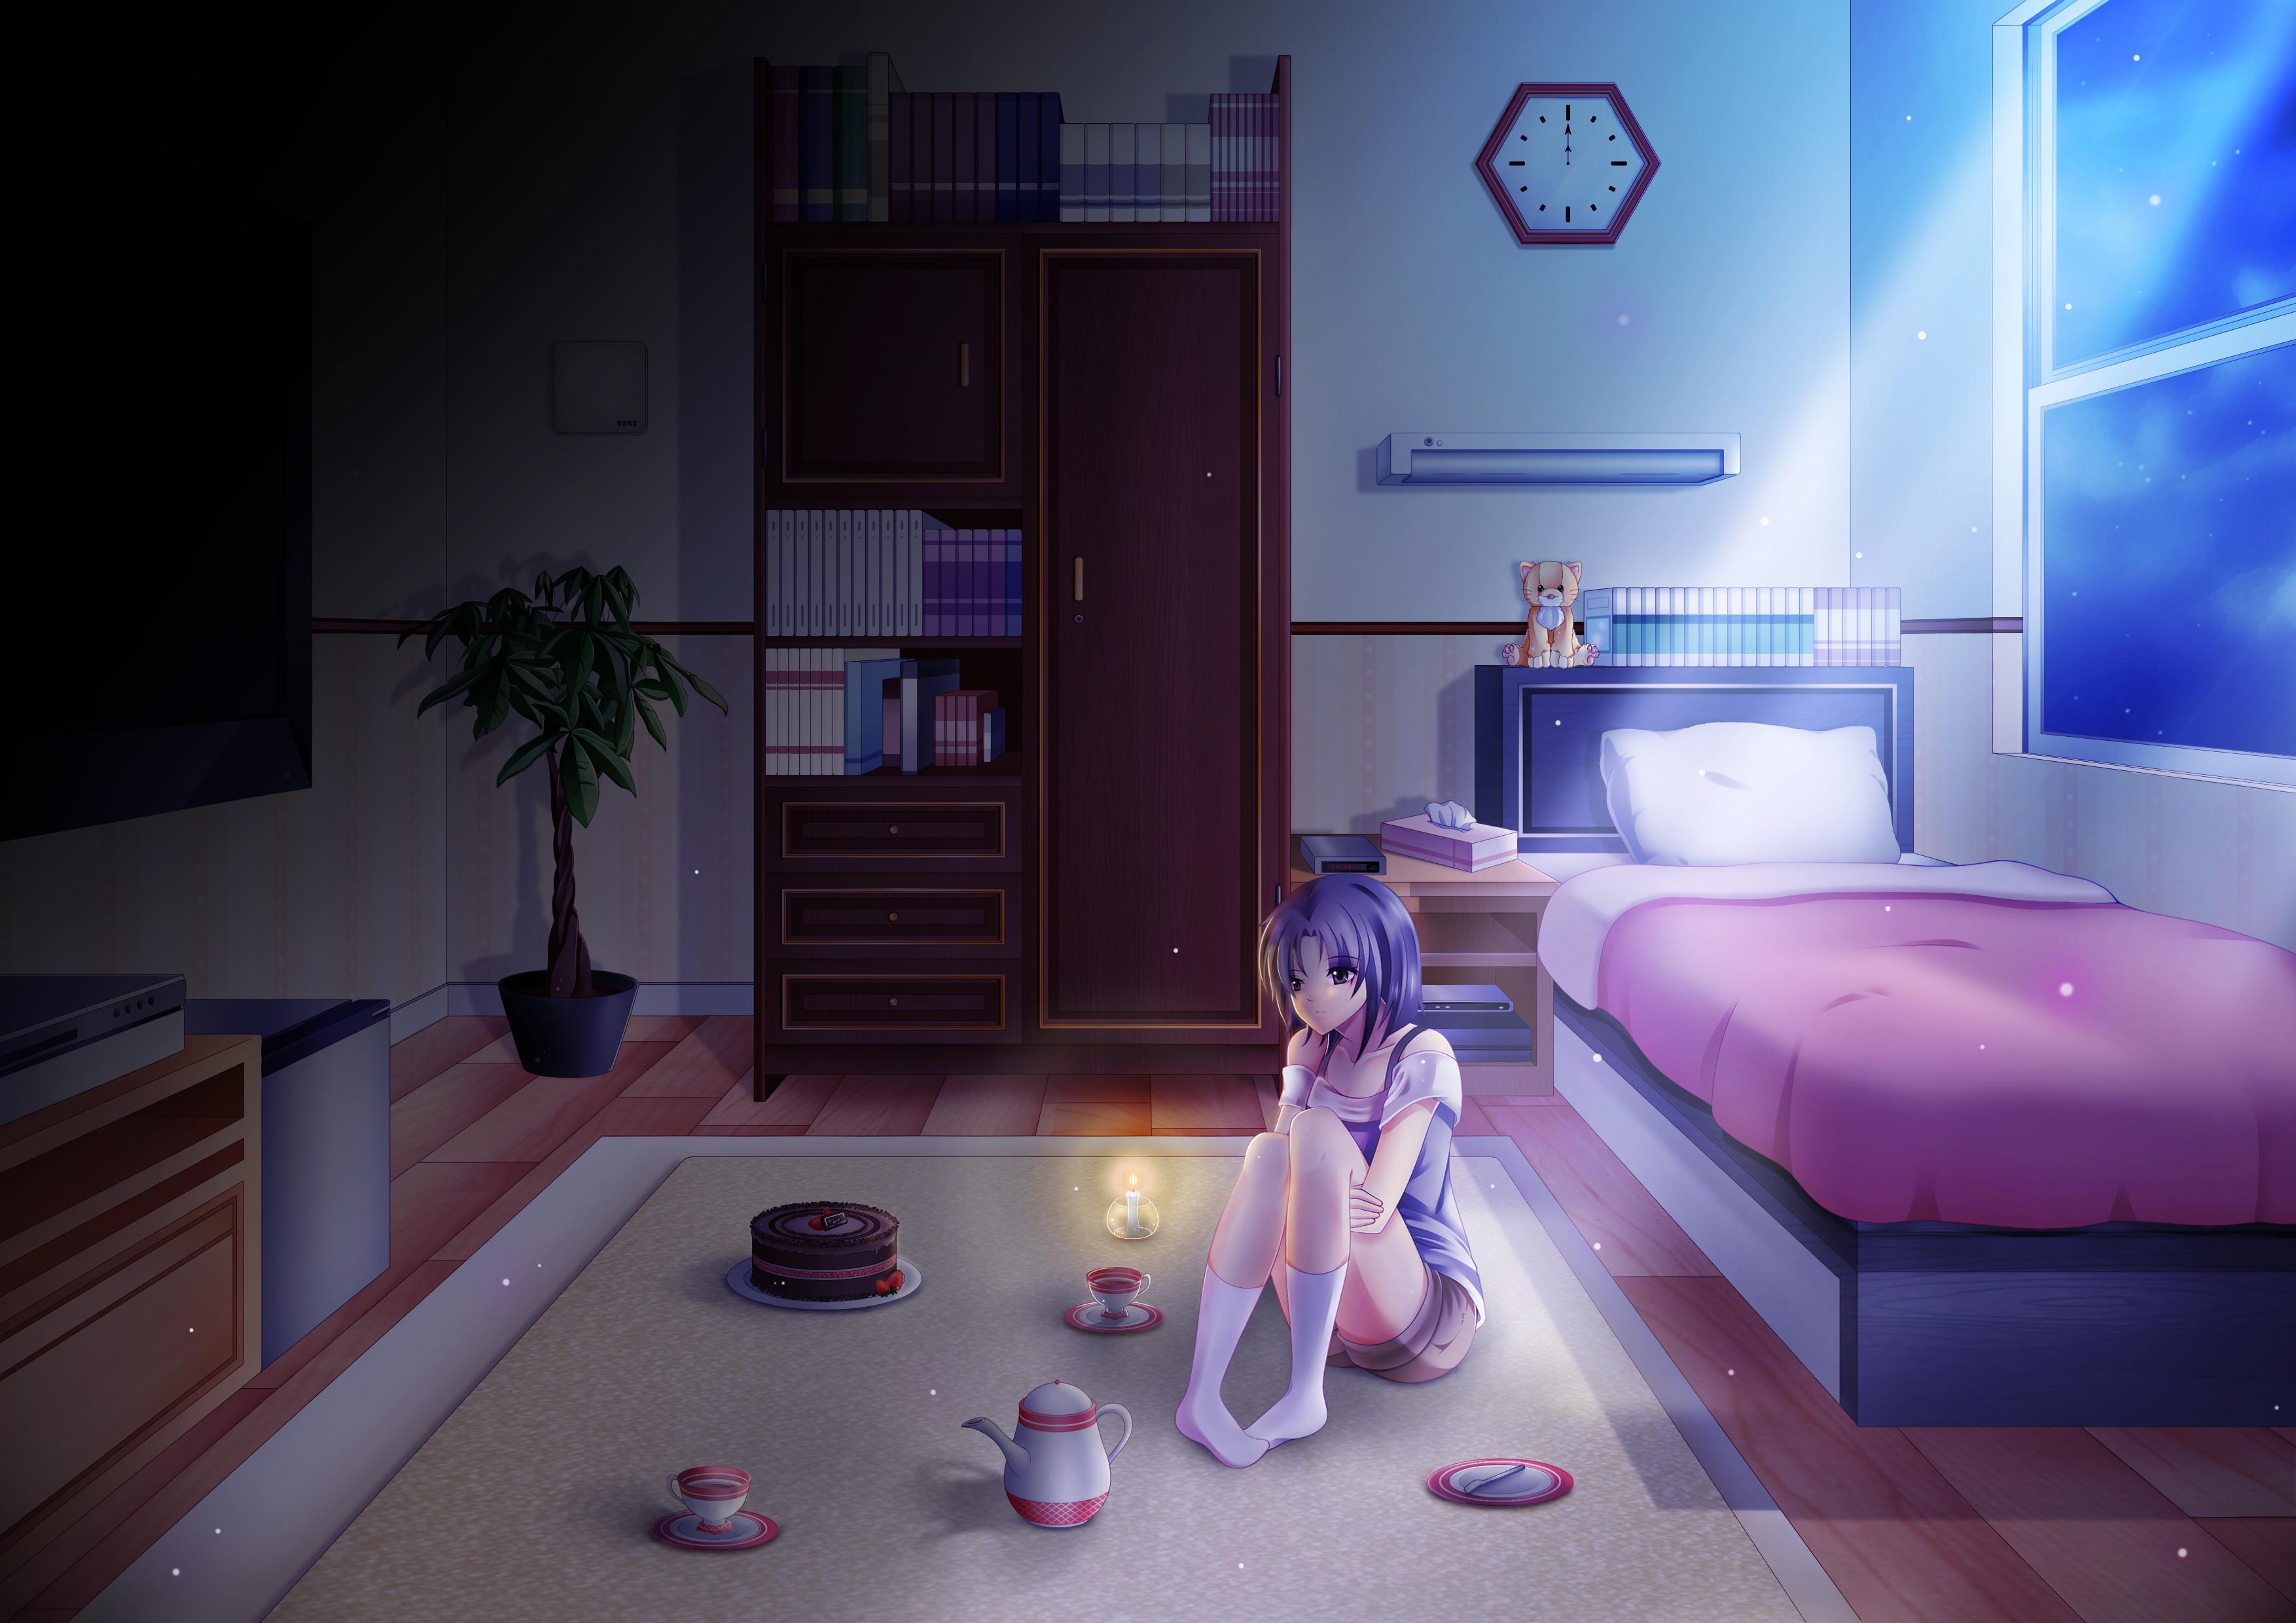 Lonely Night, аниме, девушка, кровать обои скачать